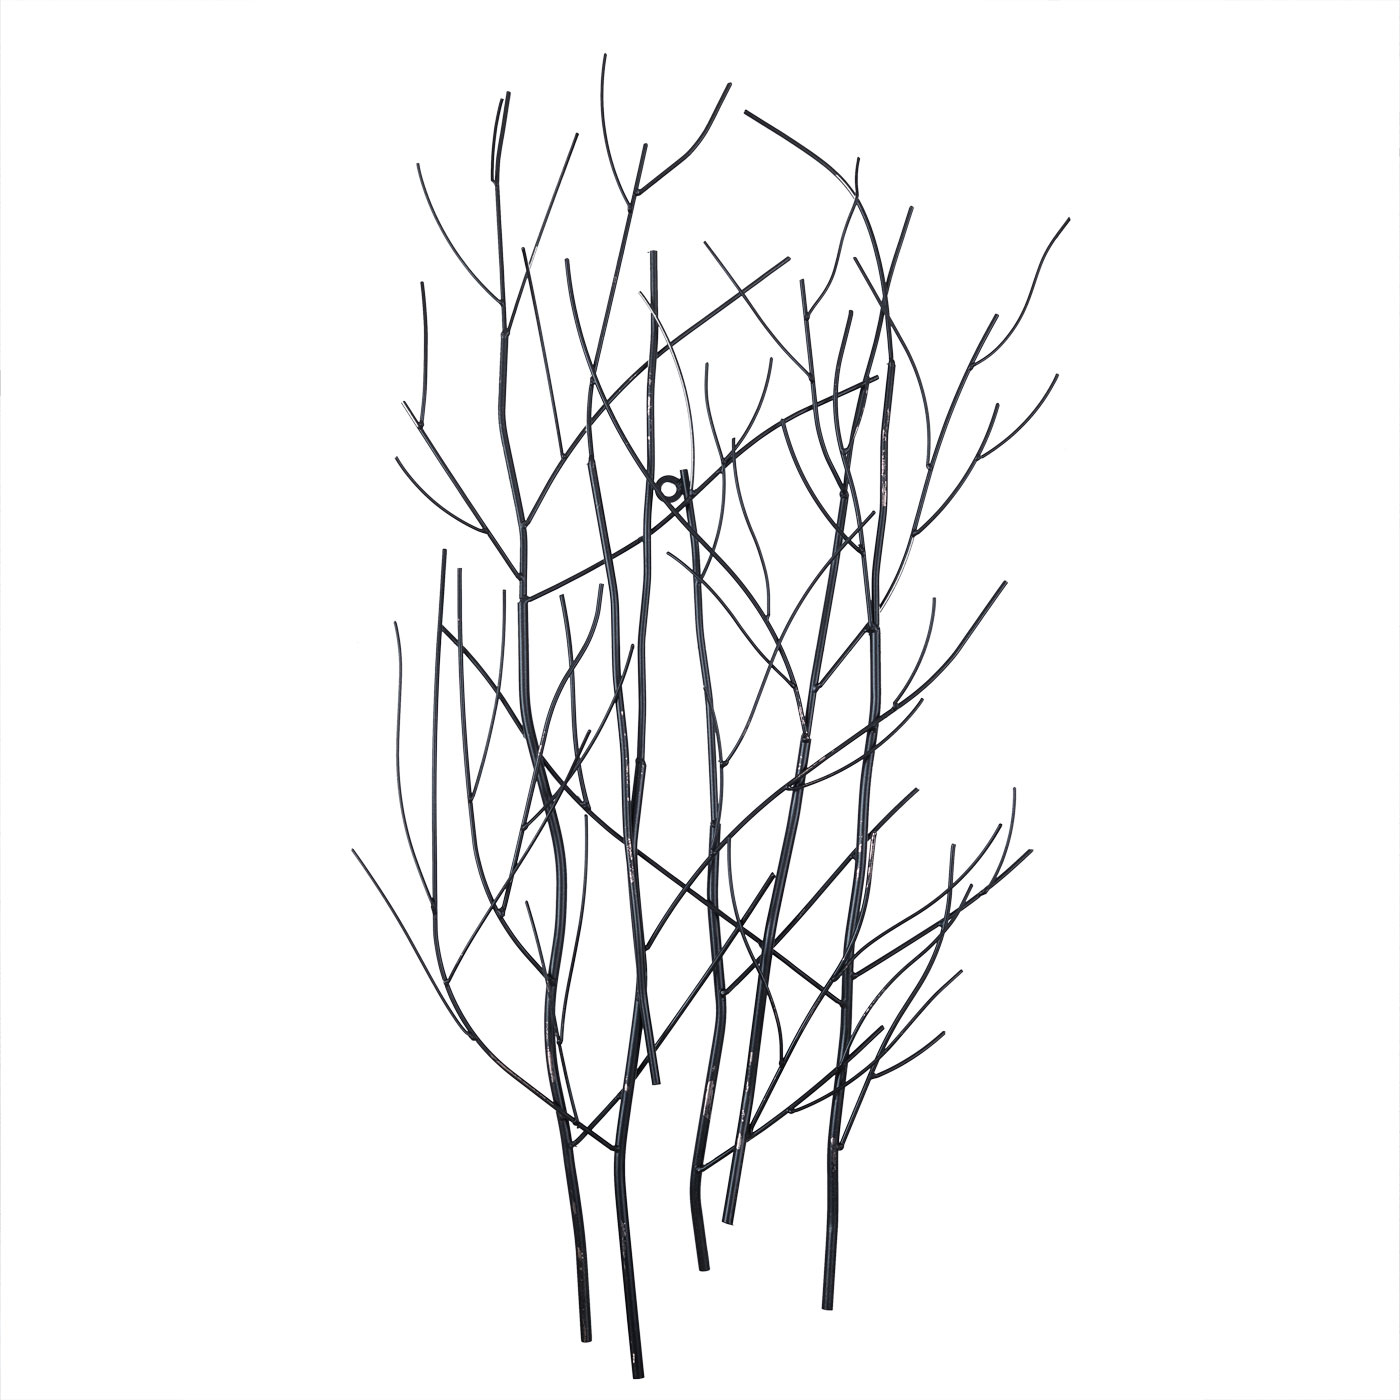 Купить Картины, постеры, гобелены, панно Home Philosophy, Настенный декор Ruanda Цвет: Чёрный (45х90 см), Китай, Металл